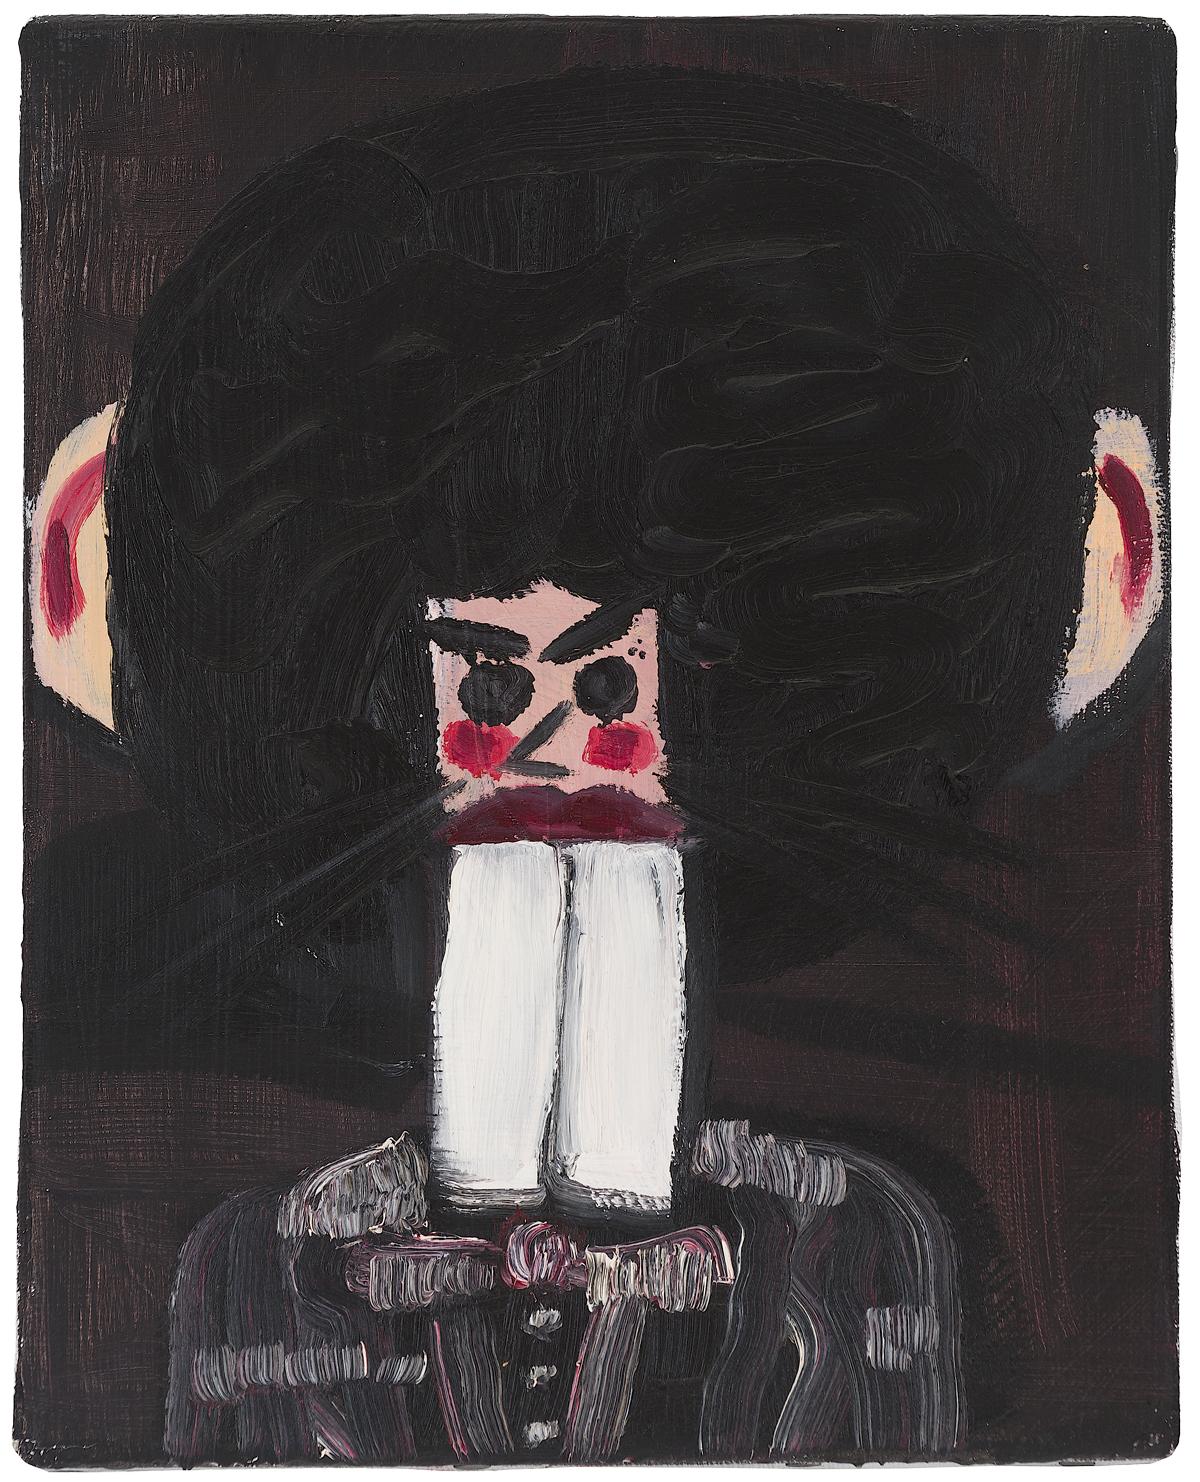 Abdul Vas. Into the Hole. Patticcas, 2004